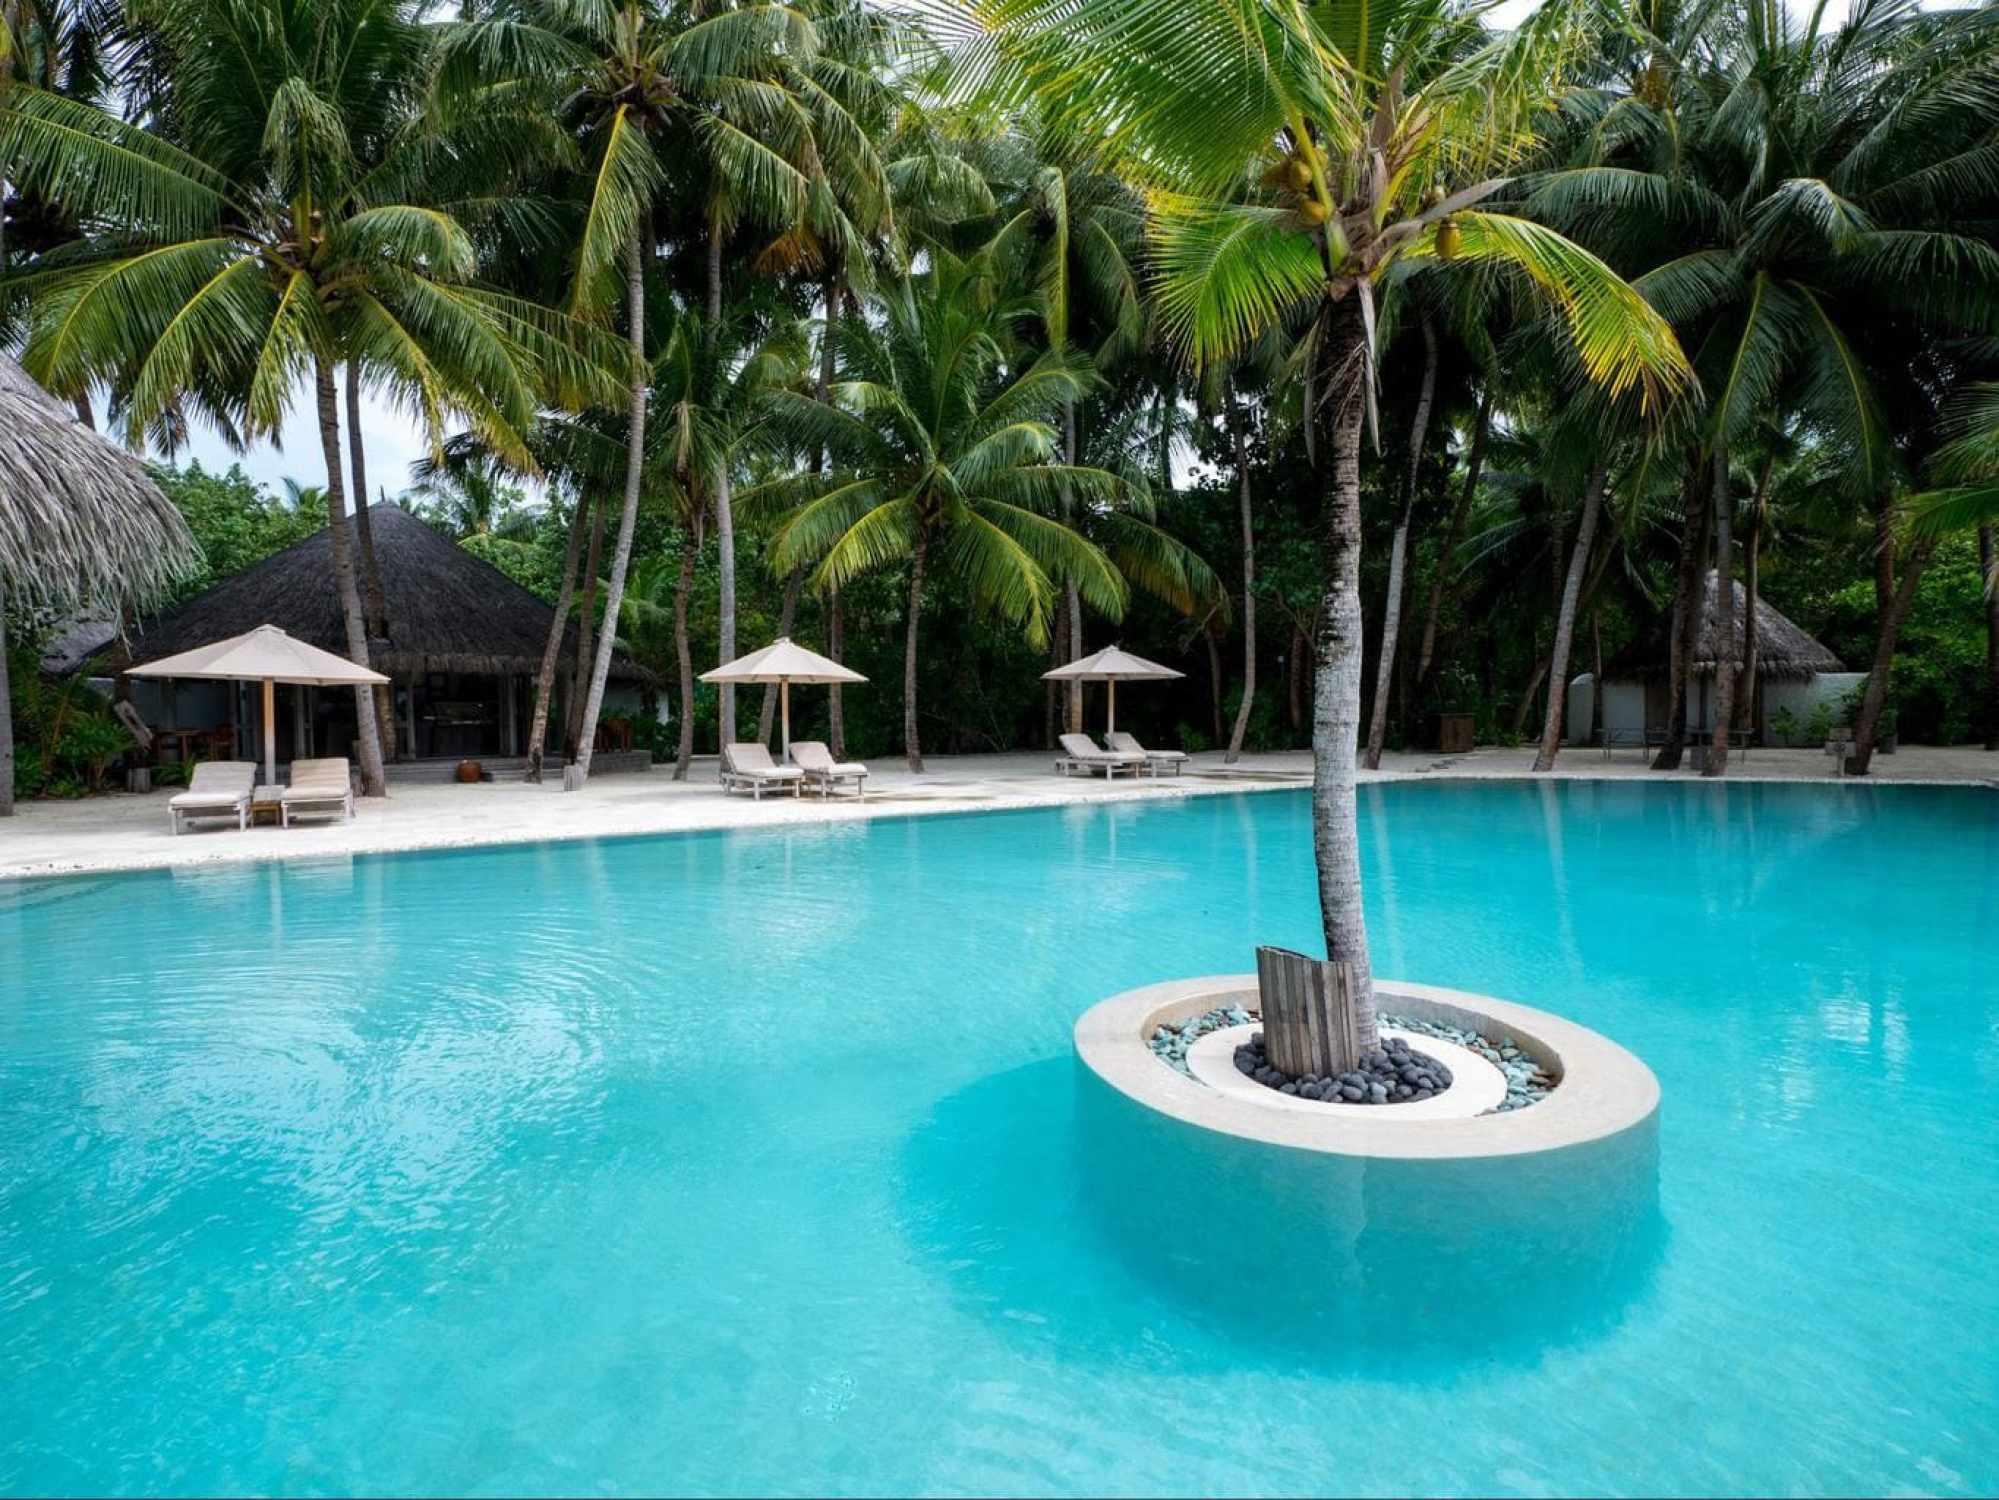 The shared pool at Gili Lankanfushi